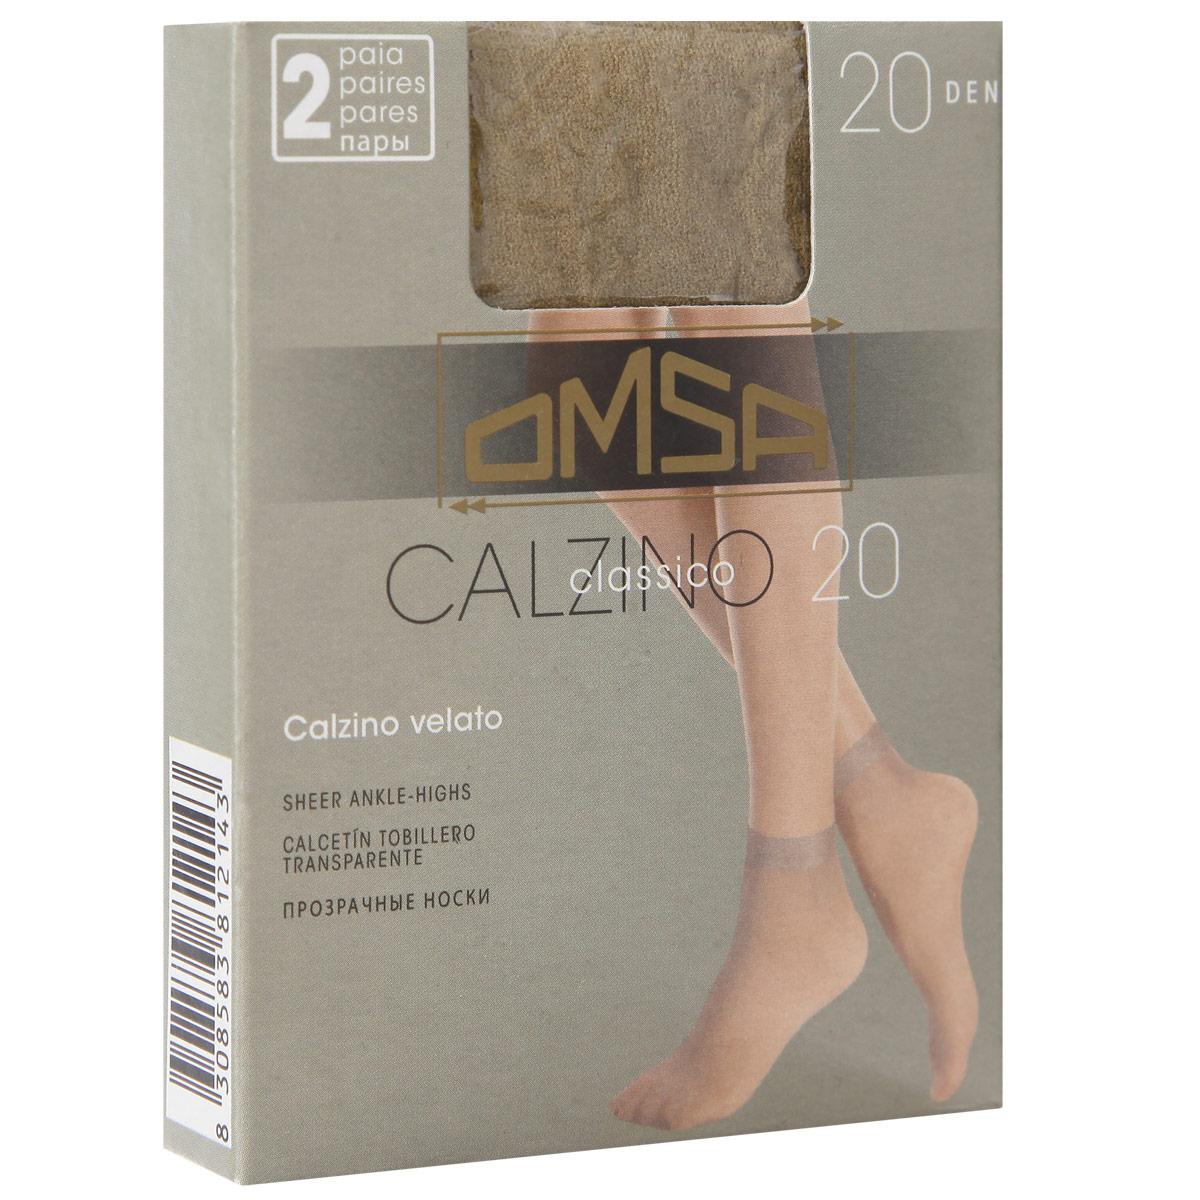 Носки женские Omsa Classico 20. Caramello (бледно-коричневый), 2 пары. Размер универсальный056 Classico 20Прозрачные женские носки Omsa Classico с комфортной резинкой и невидимым мыском. В комплект входят 2 пары.Плотность: 20 den.